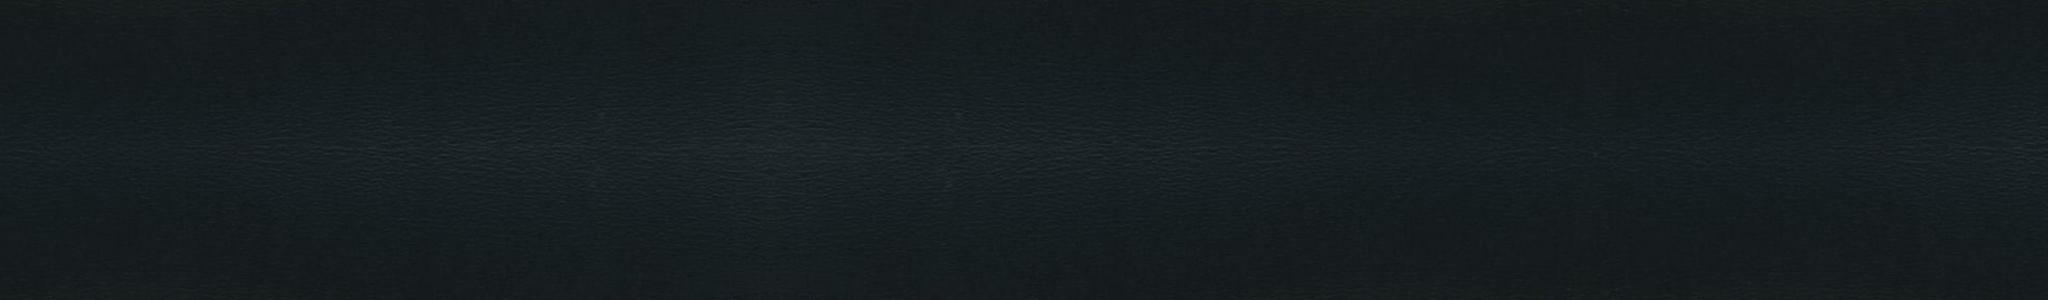 HU 190110 ABS hrana černá perla 101